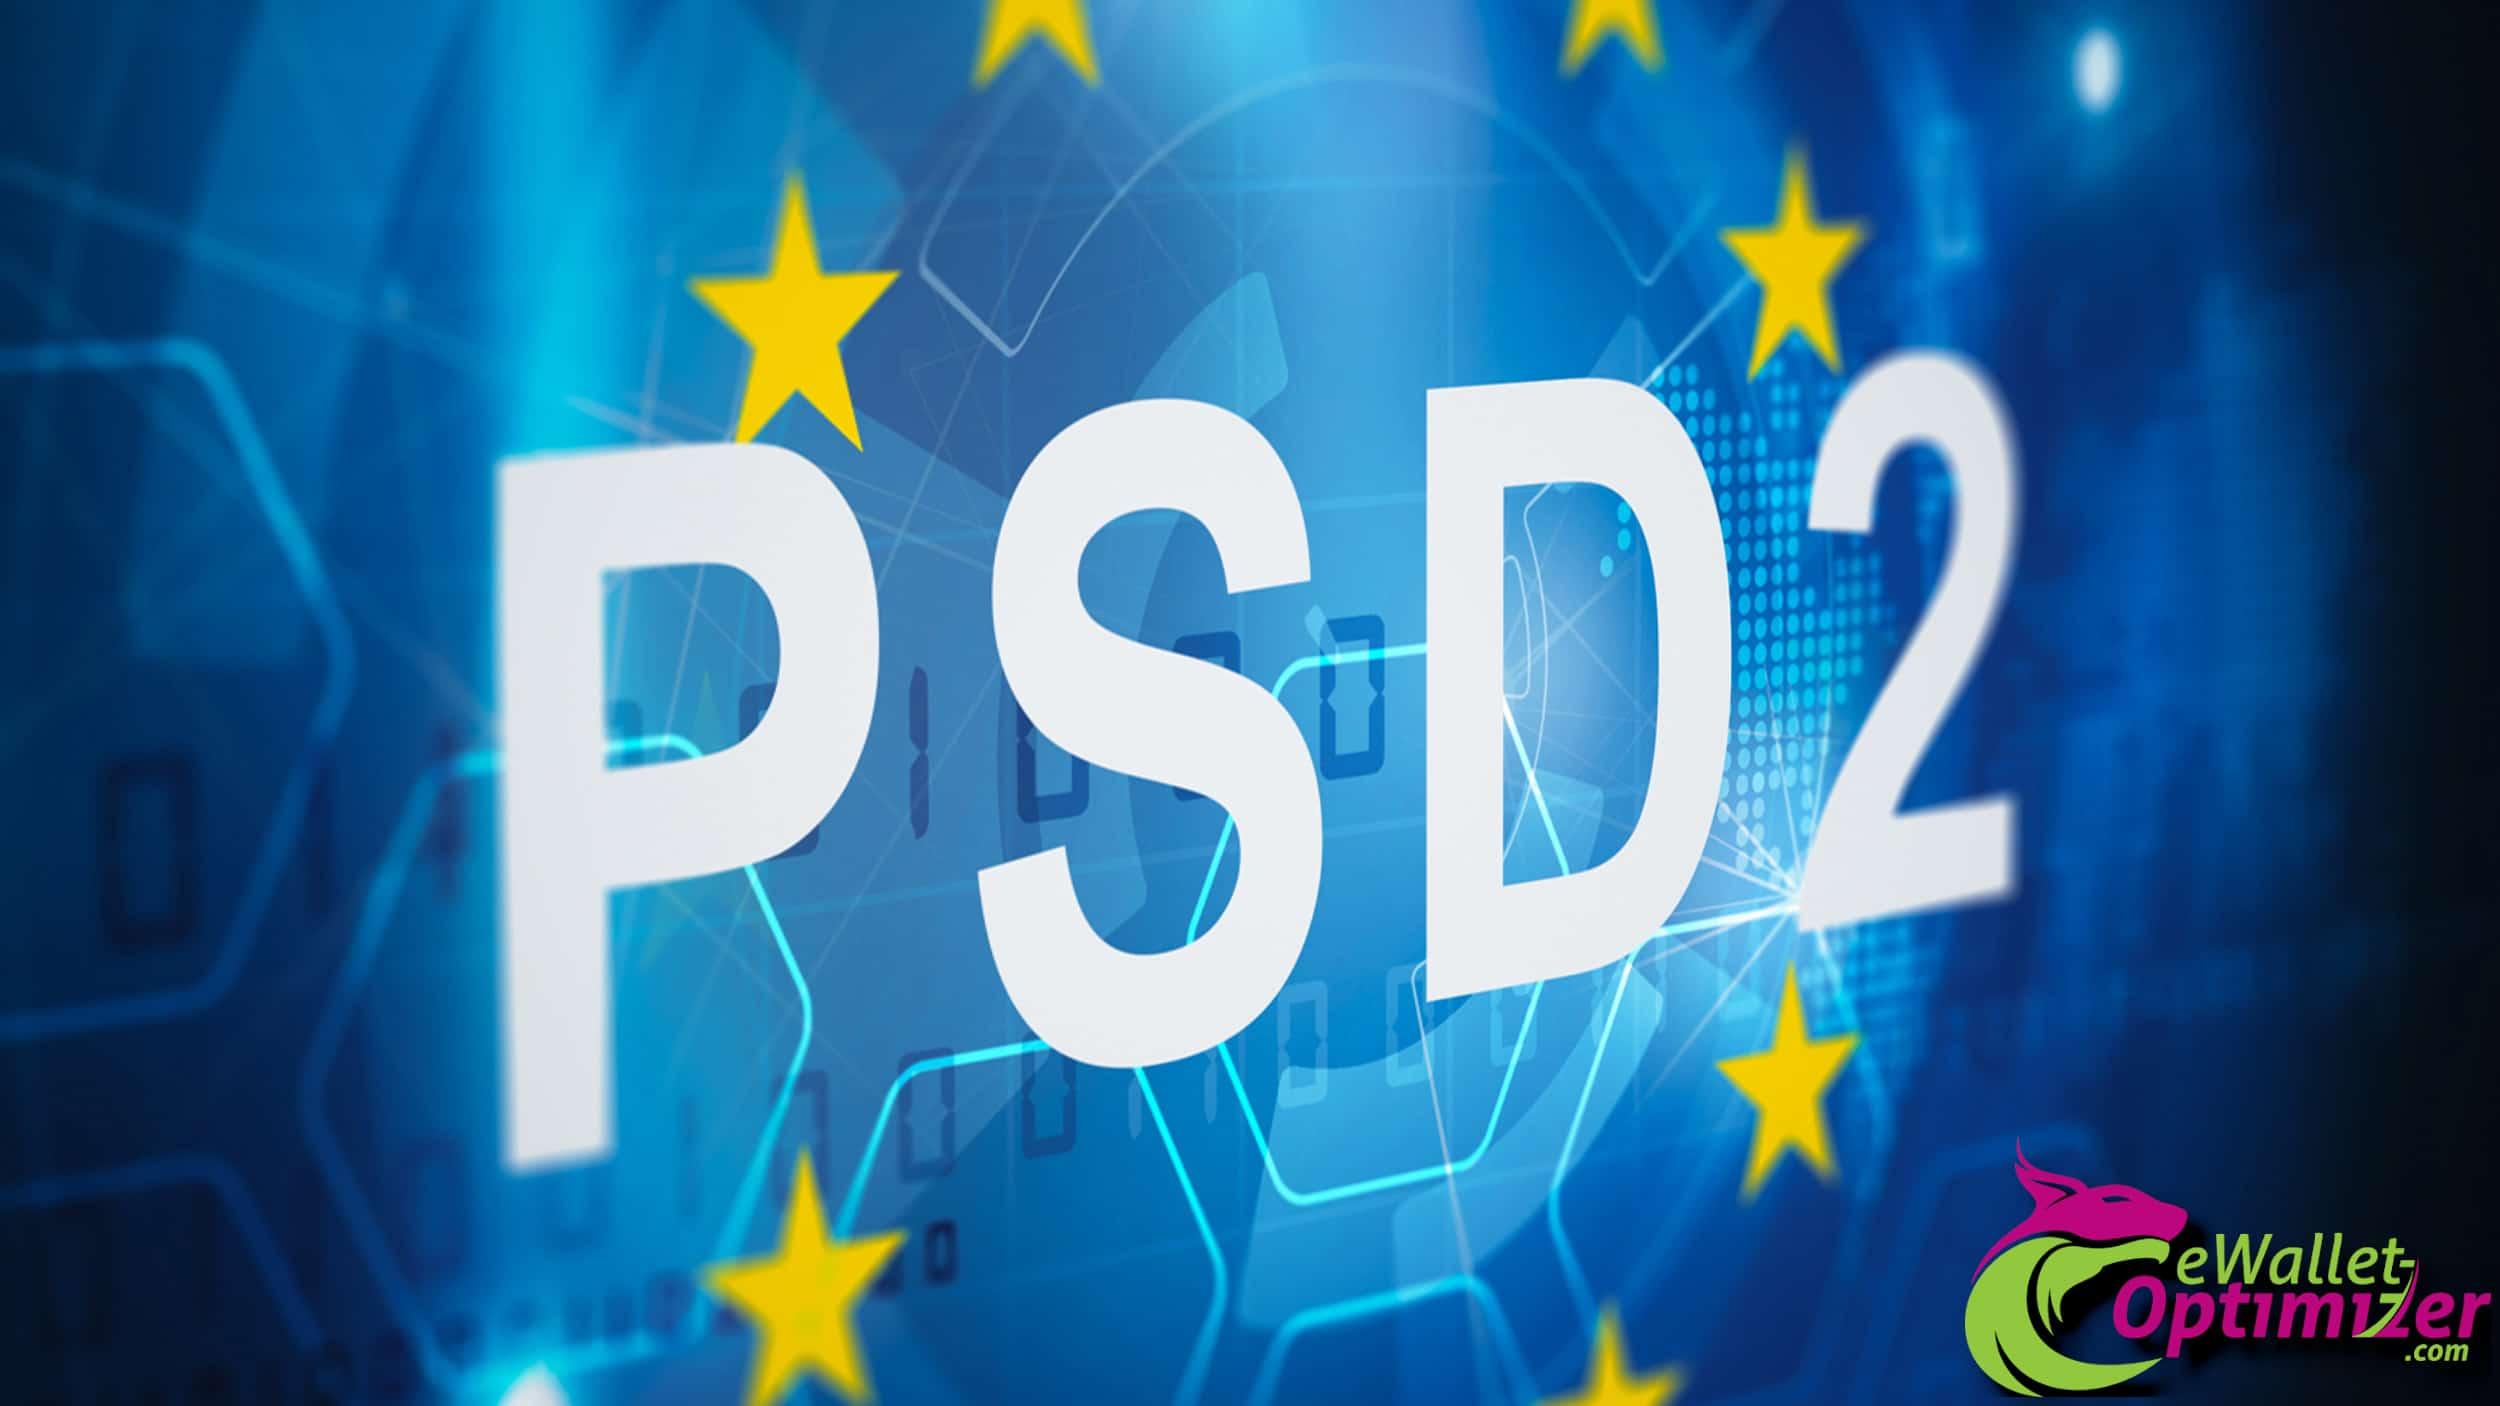 eWallet PSD2